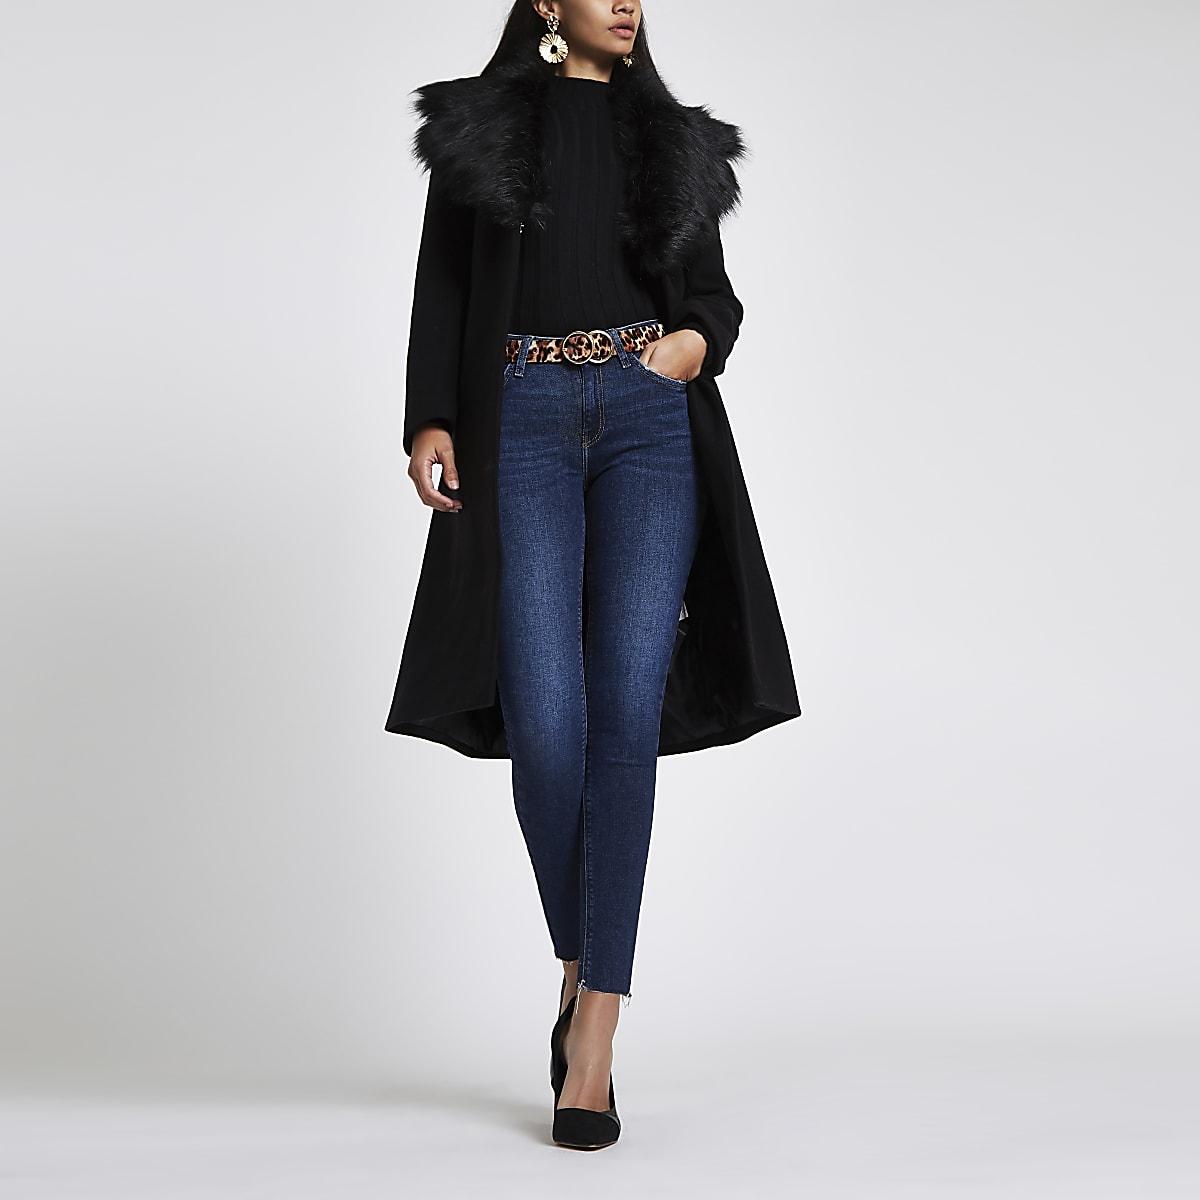 Manteau en laine noir à ceinture avec fausse fourrure